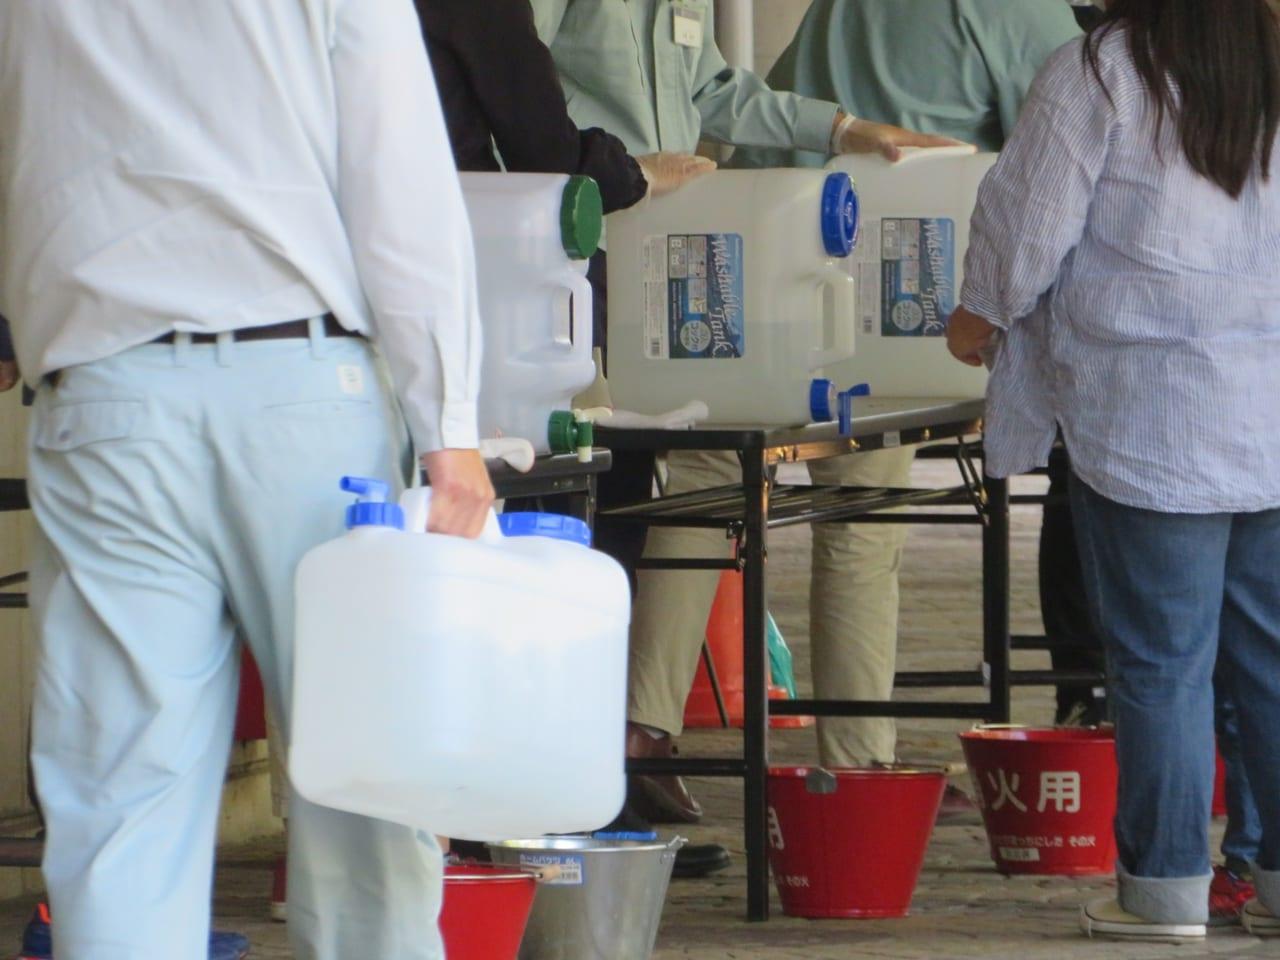 5月21日から除菌液(次亜塩素酸水)の配布場所を6か所増設 平塚競輪場、公民館など